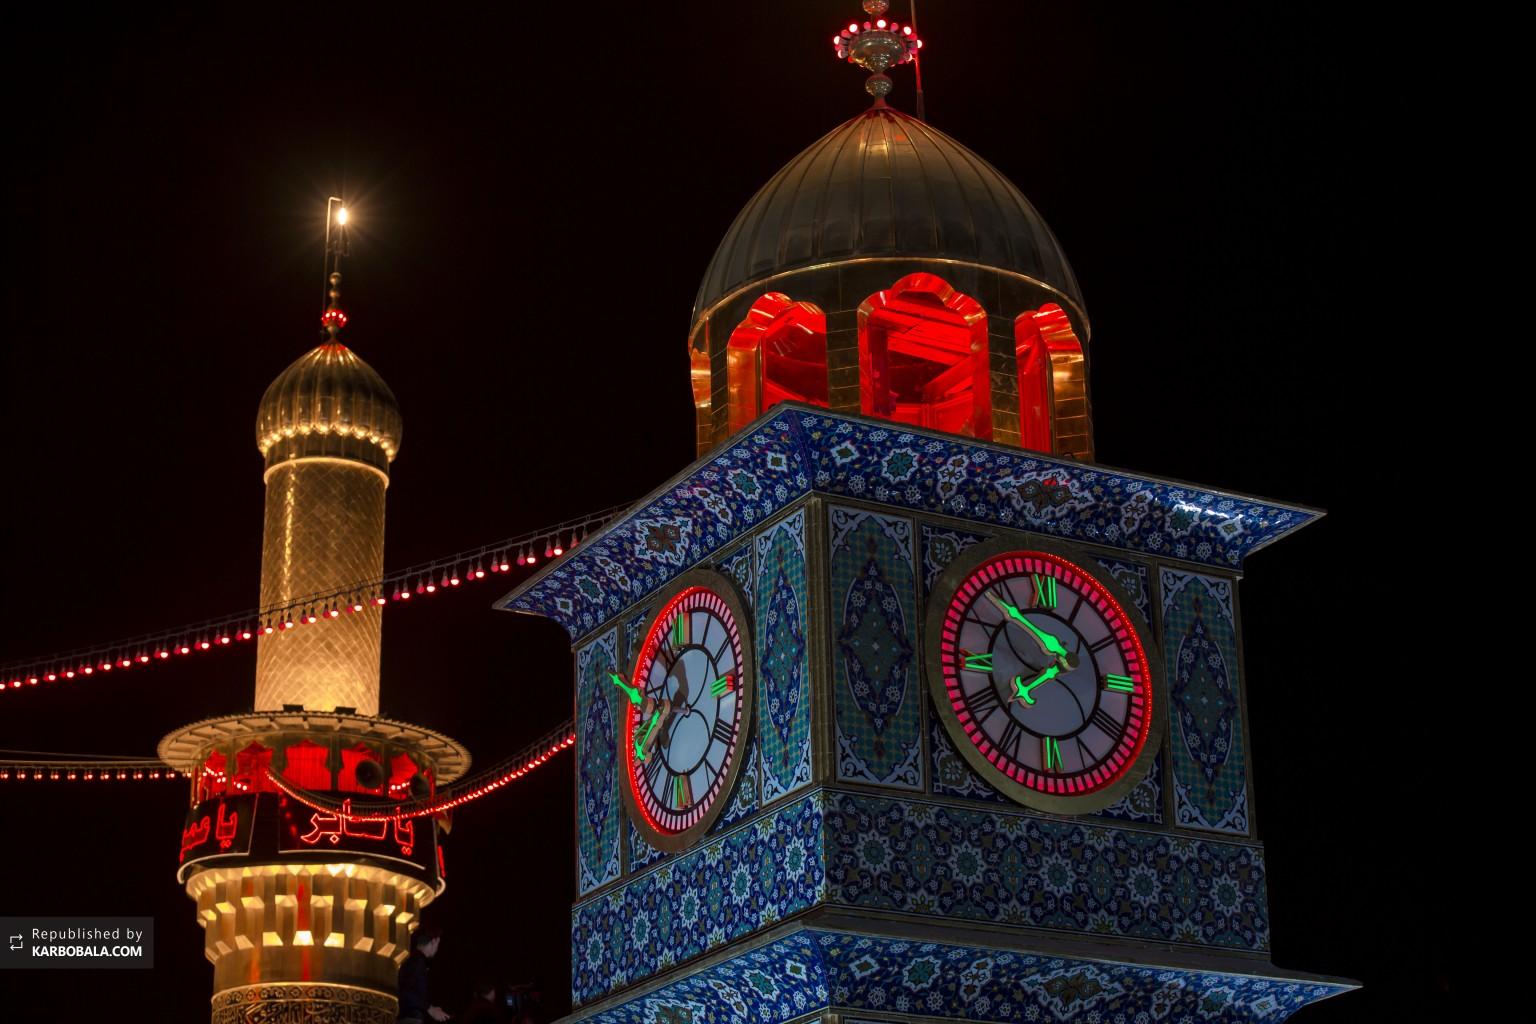 تصویری از برج ساعت حرم قمر منیر بنی هاشم علیه السلام